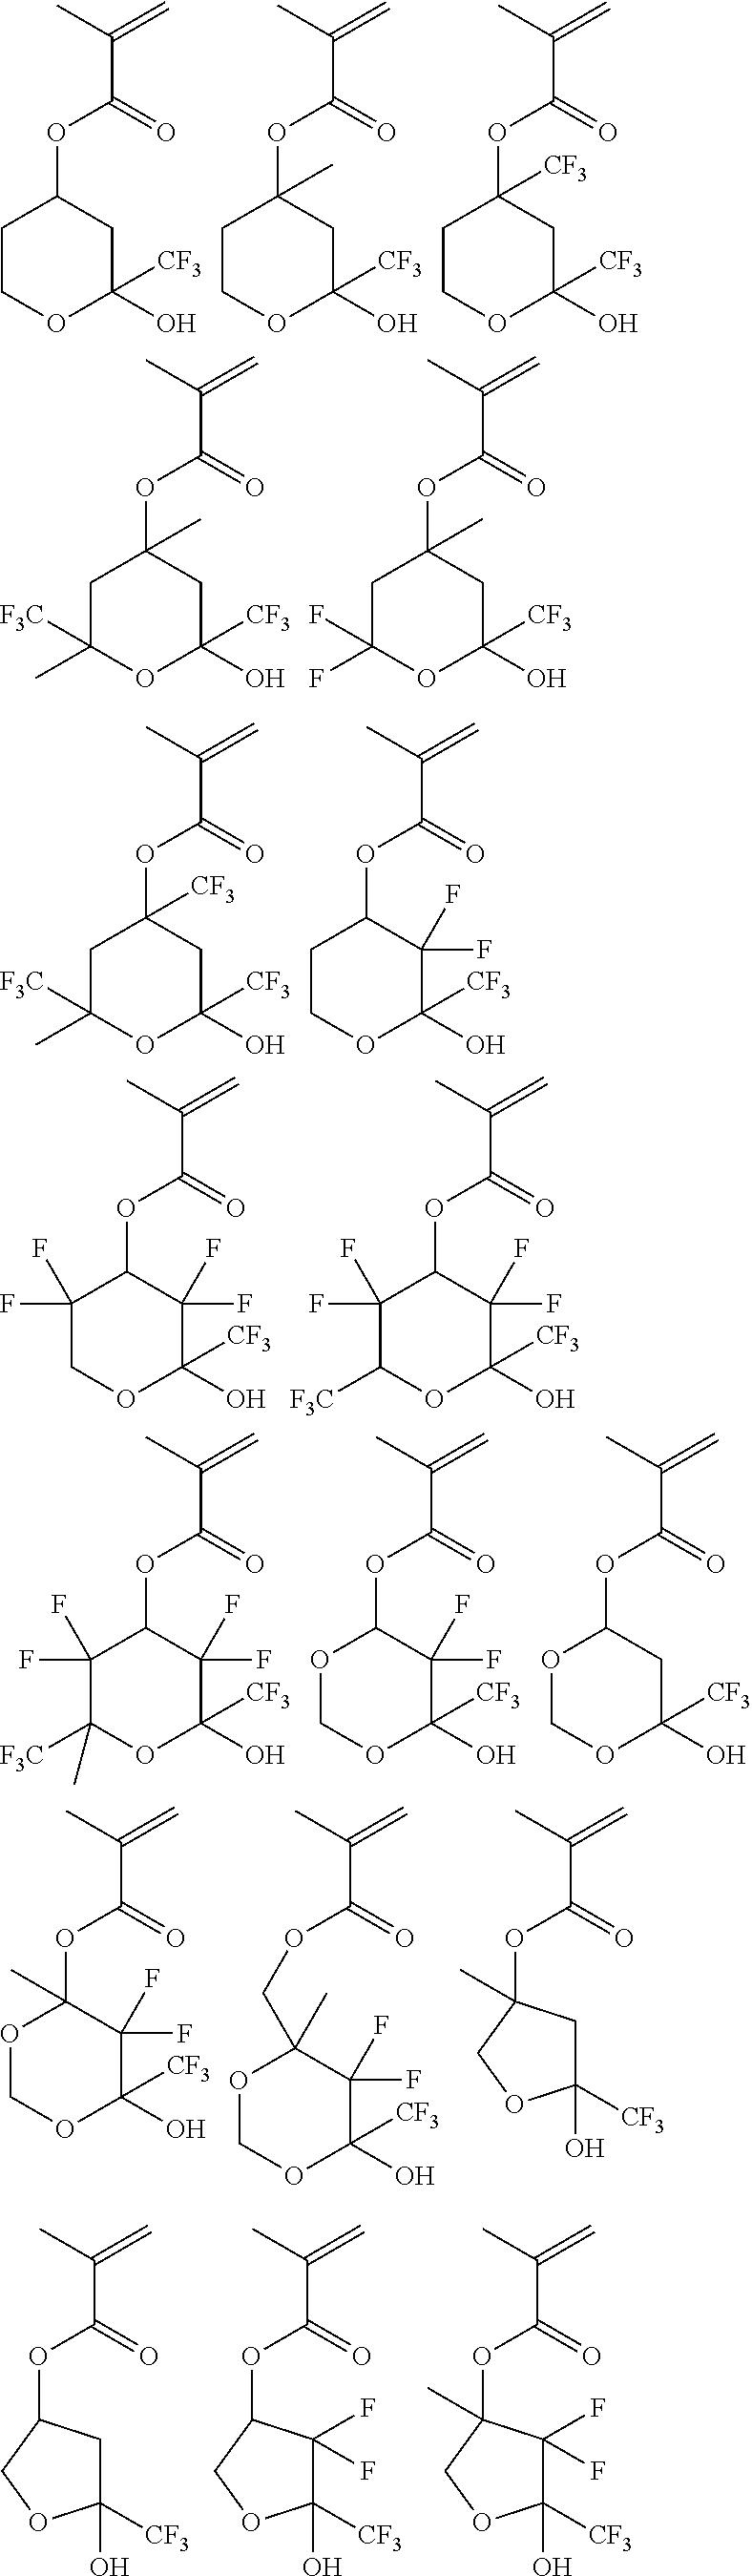 Figure US20110294070A1-20111201-C00045